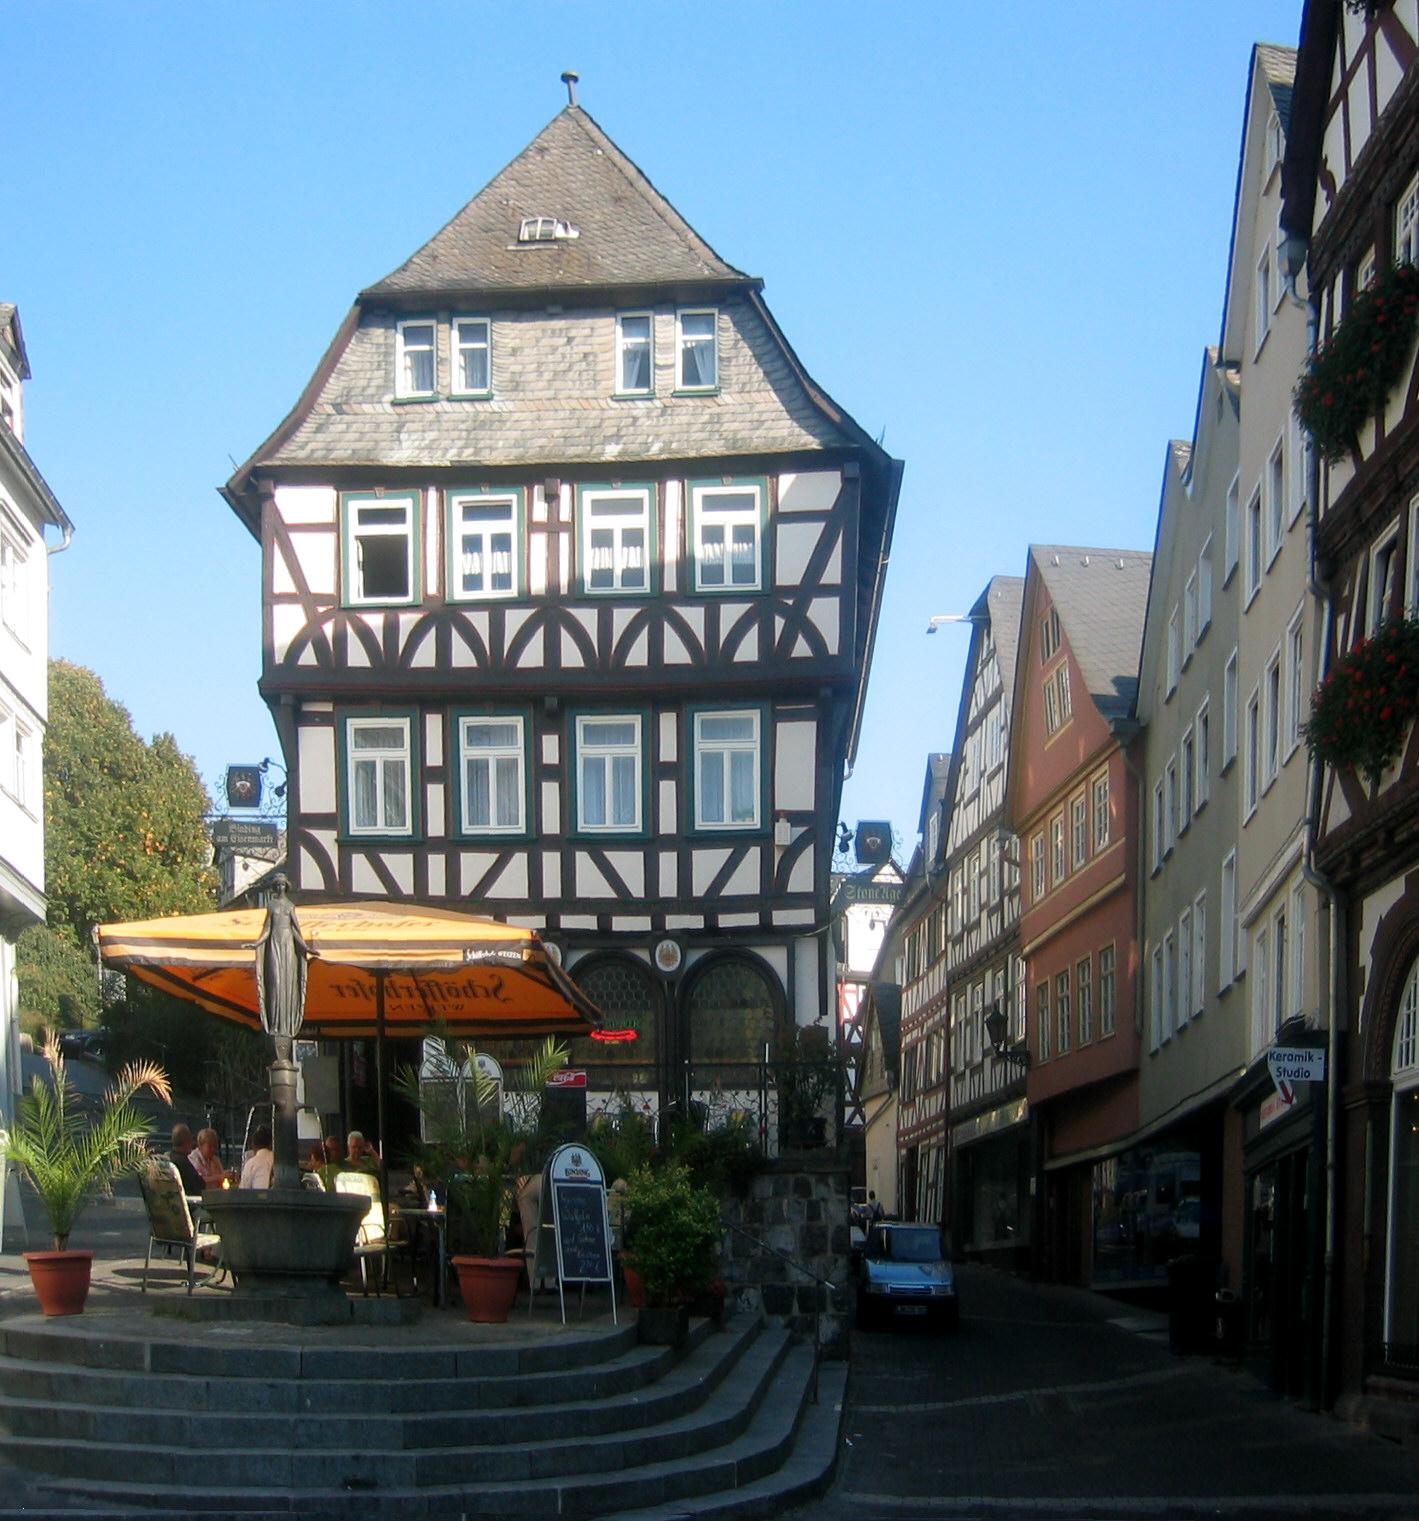 Wetzlar Germany  city pictures gallery : Wetzlar Altstadt 2003b Wikipedia, the free encyclopedia